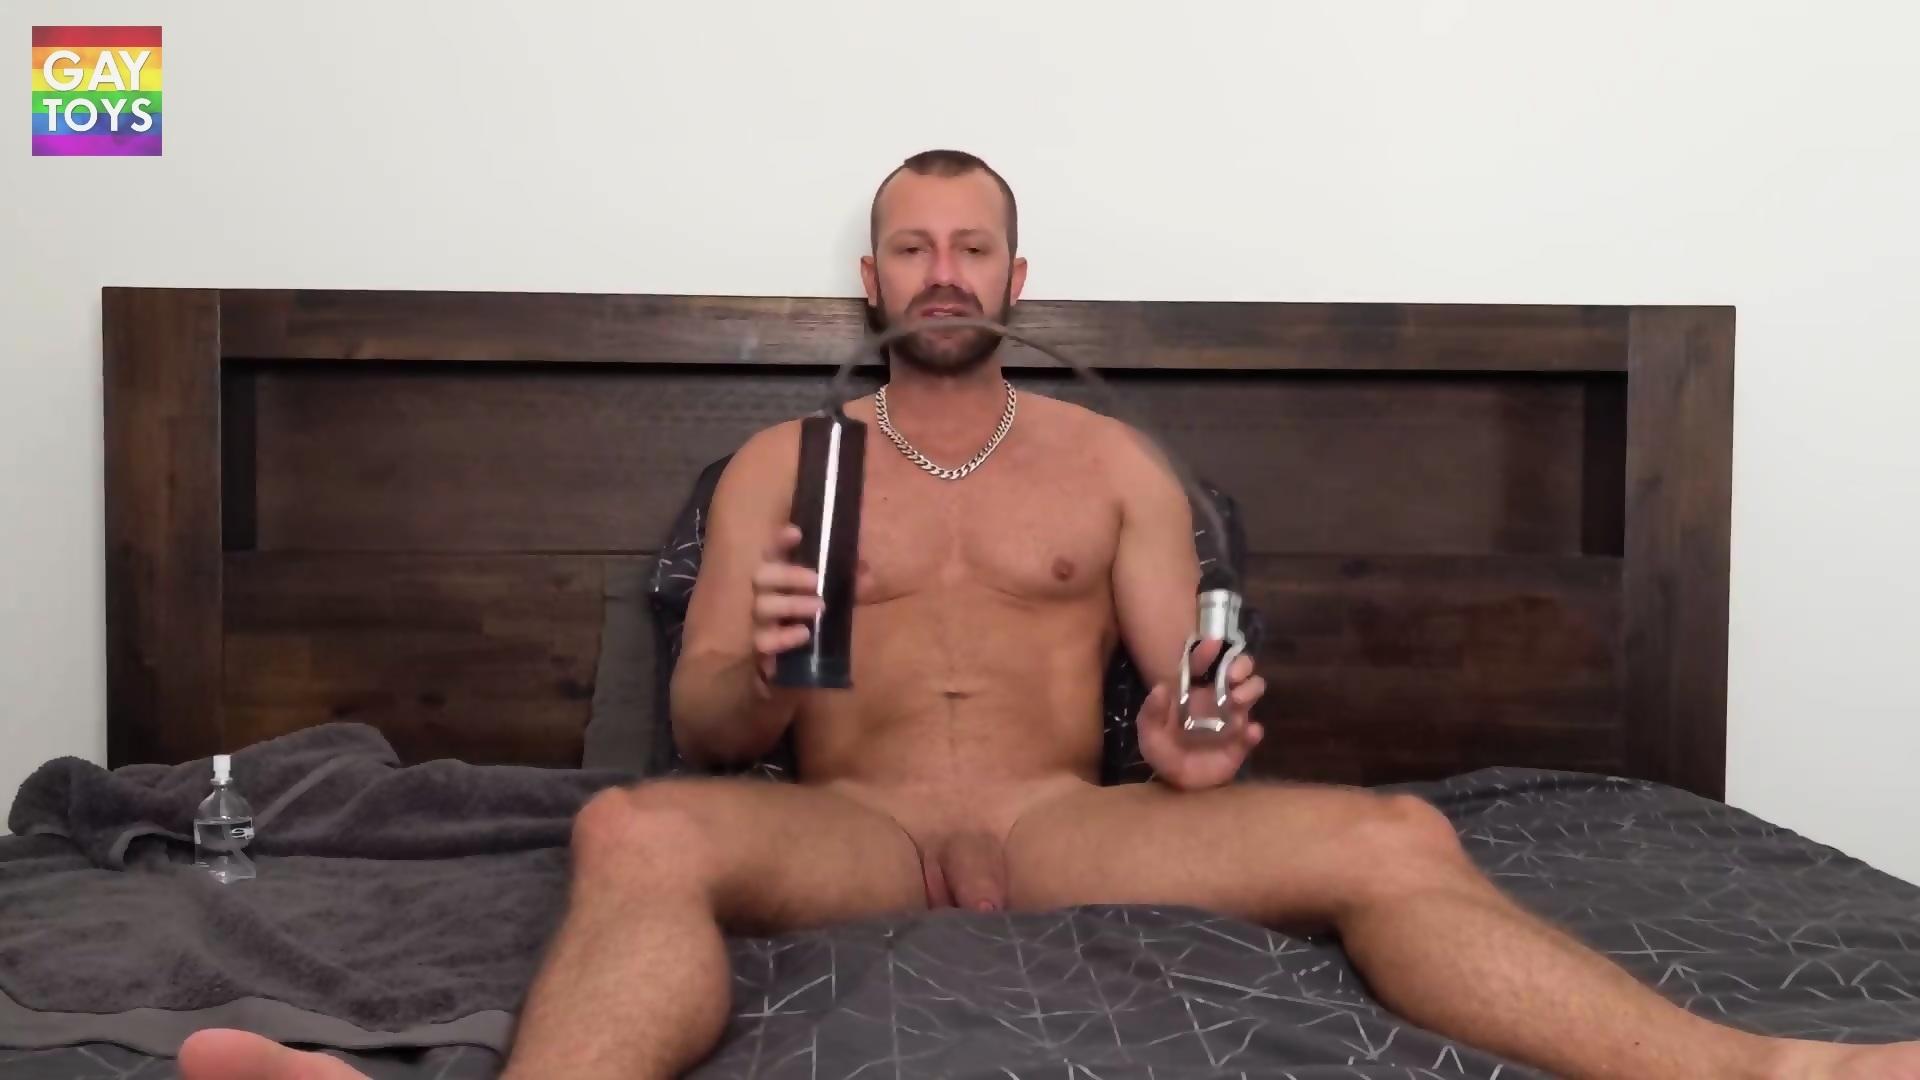 penis pump gay video